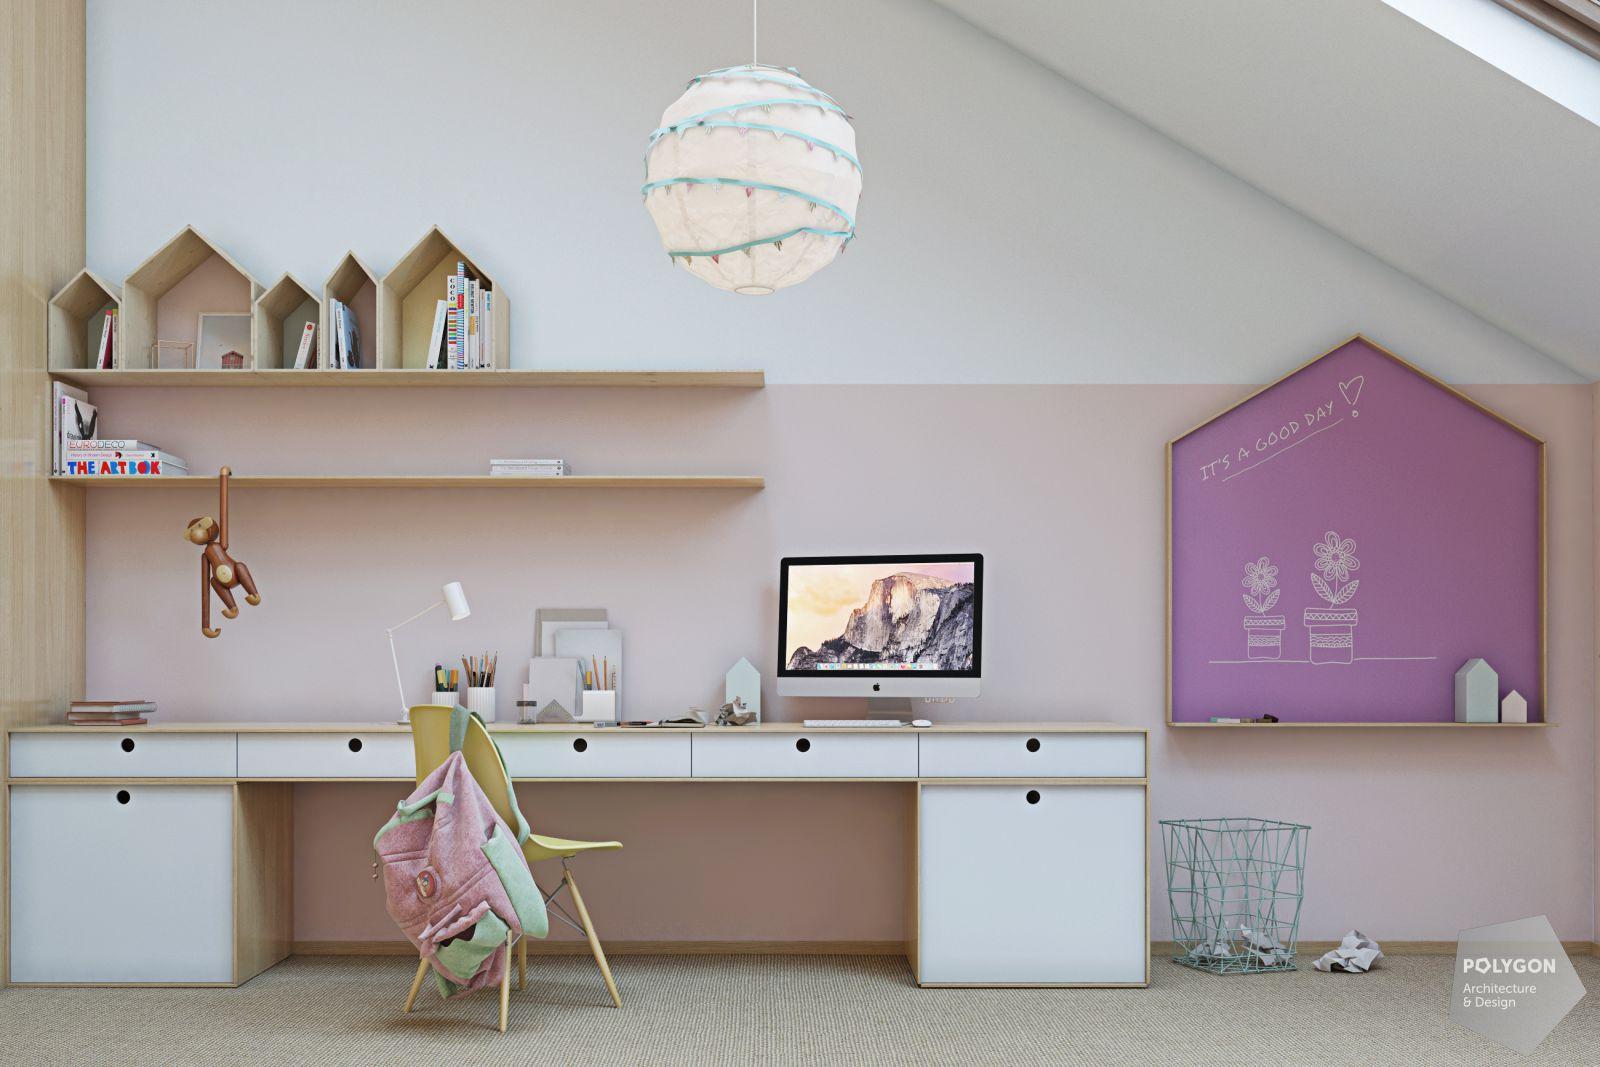 Візуалізація дитячої кімнати у проекті «Дизайн дворівневої квартири: Chuchko house»